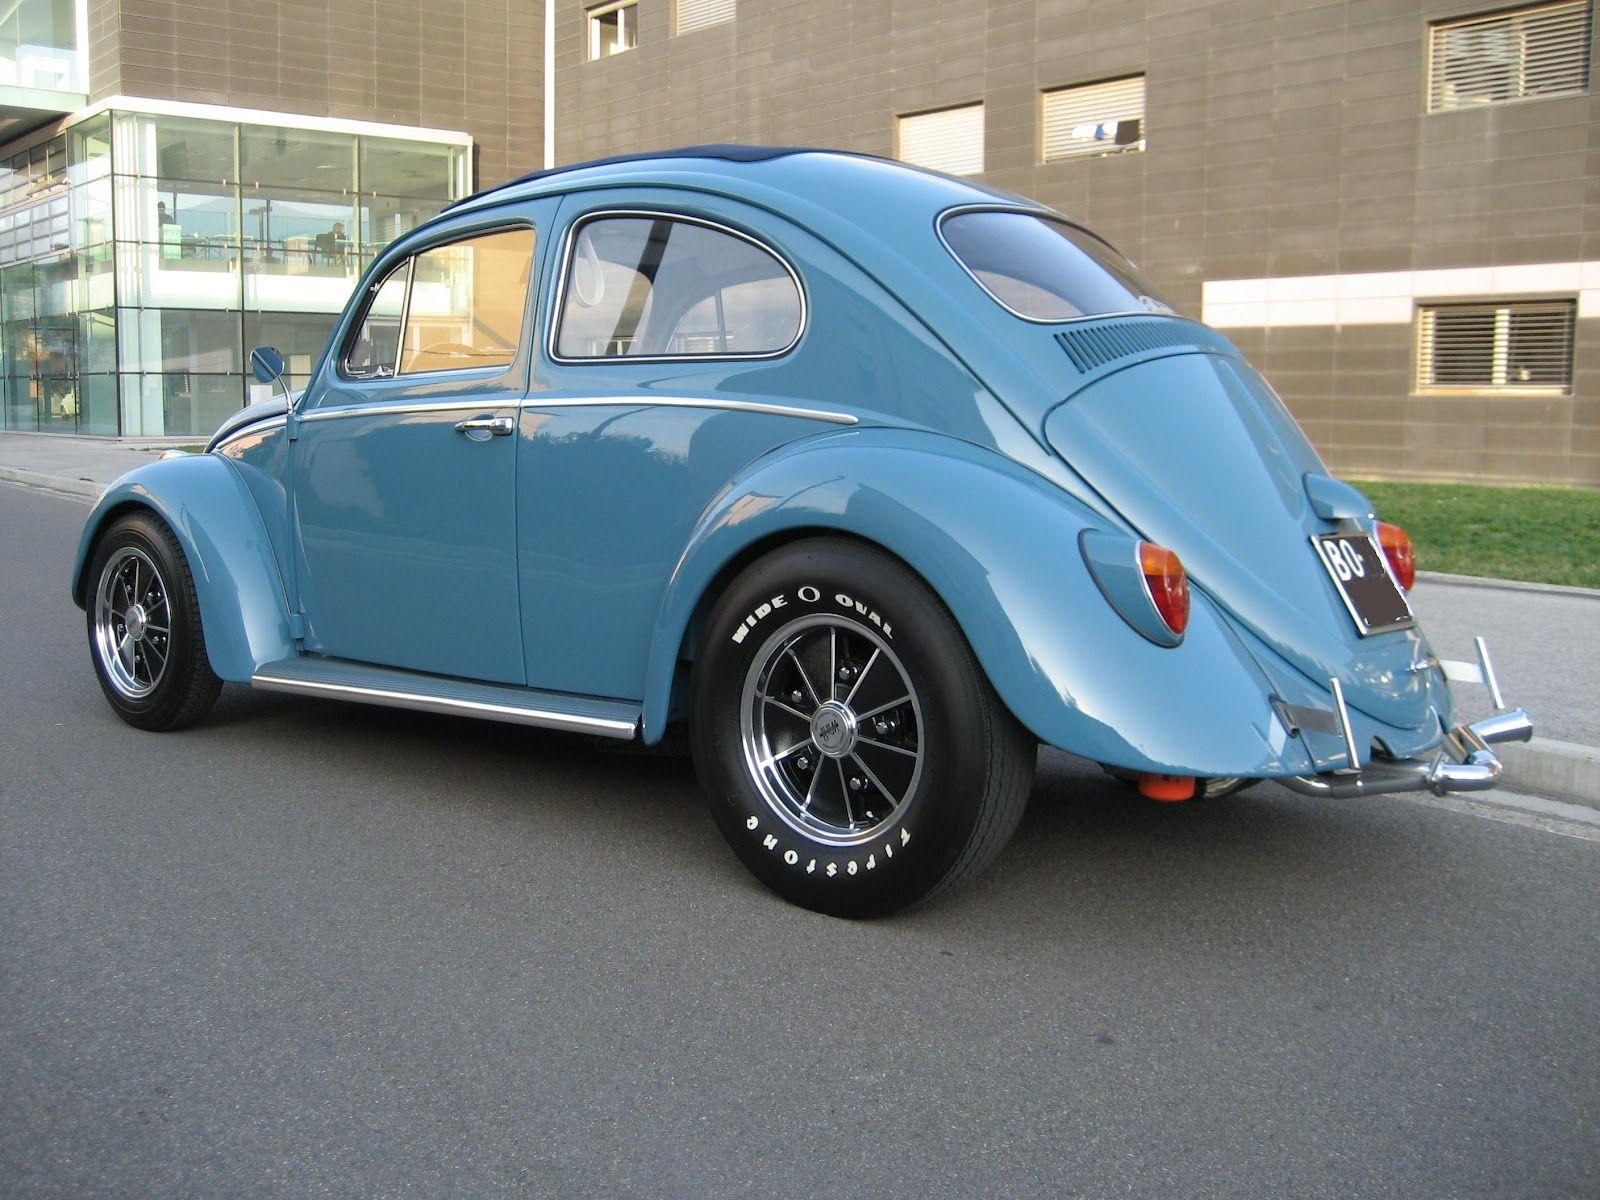 Cal-Look | Vw beetle classic, Volkswagen beetle, Vintage volkswagen